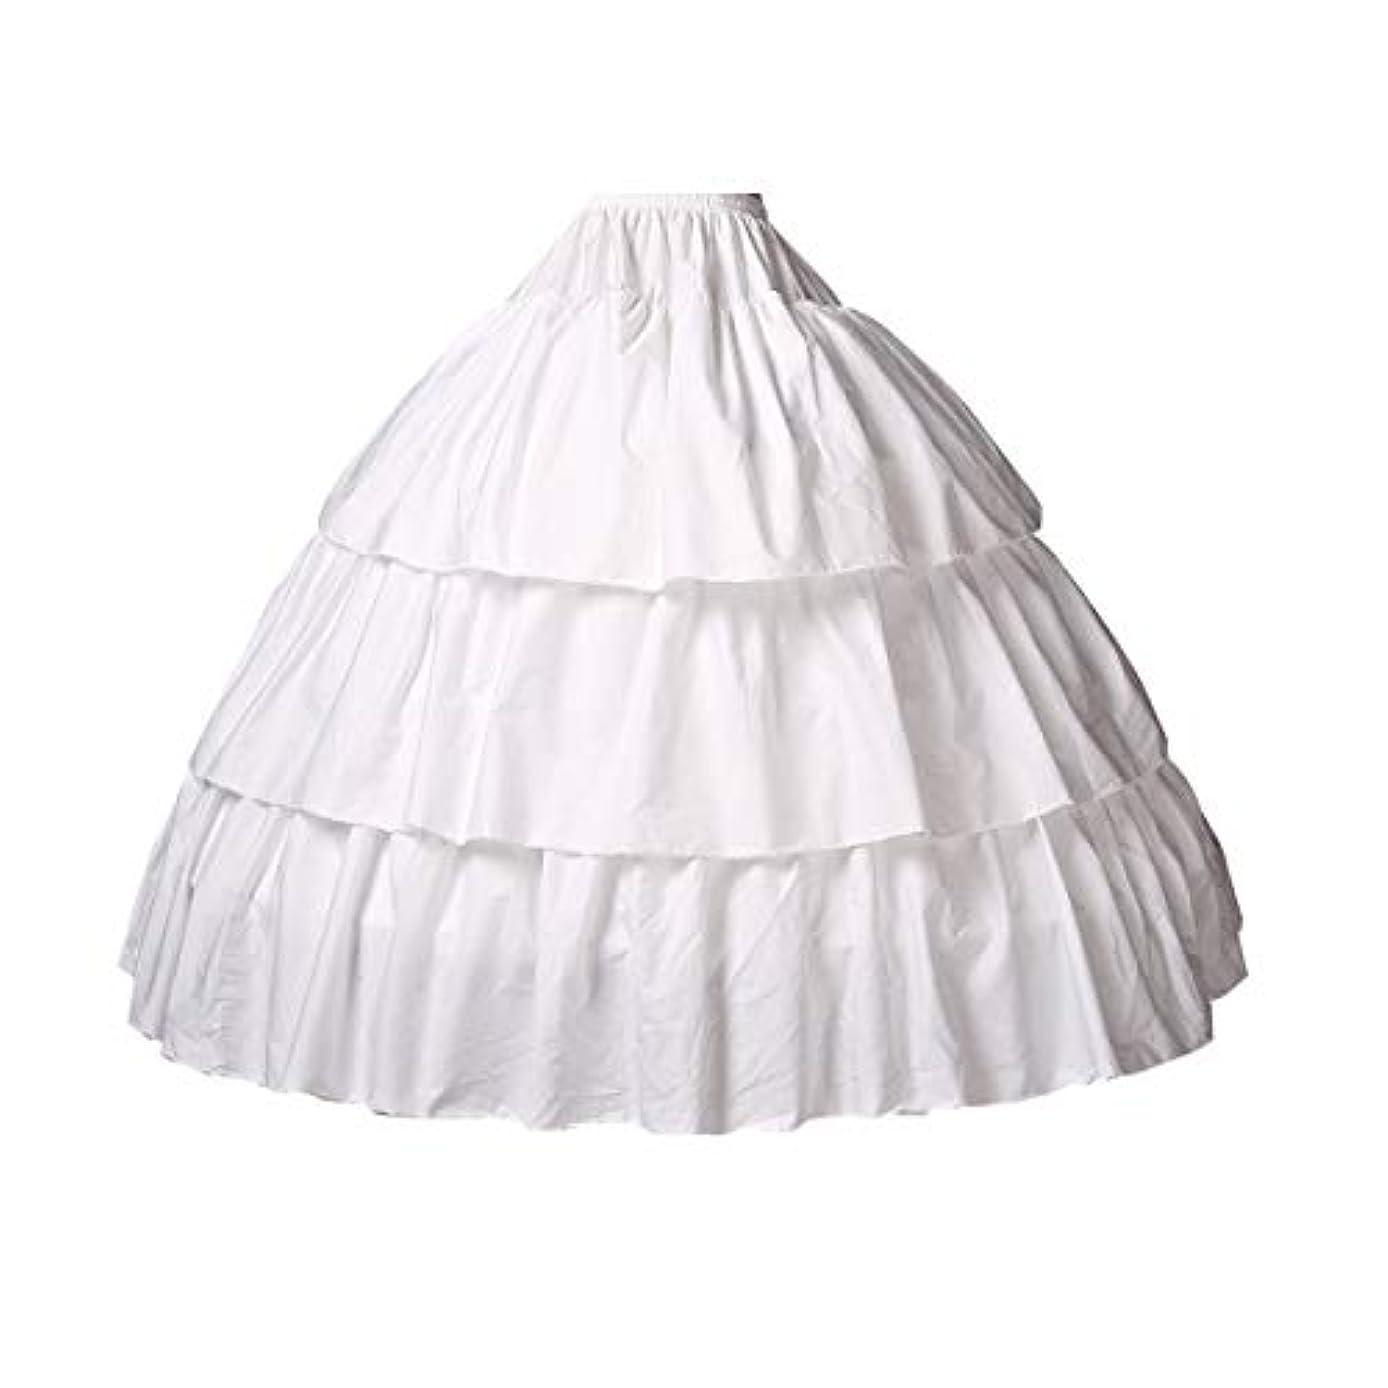 BEAUTELICATE Girls Petticoat 100% Cotton Crinoline Underskirt for Kids Flower Dress Slips 3 4 Hoops Light Ivory